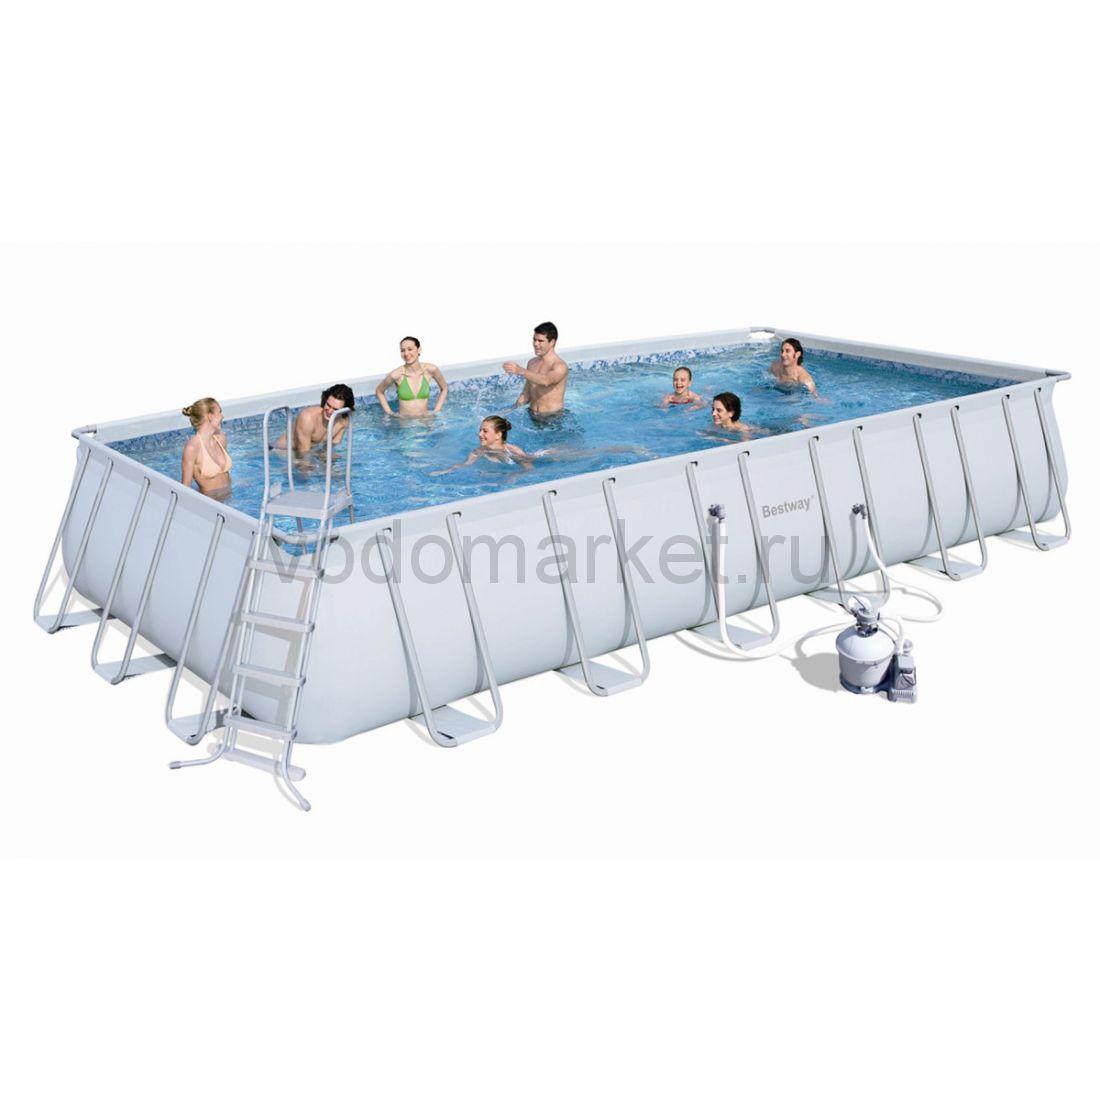 549х274х122см (56466) Bestway каркасный бассейн